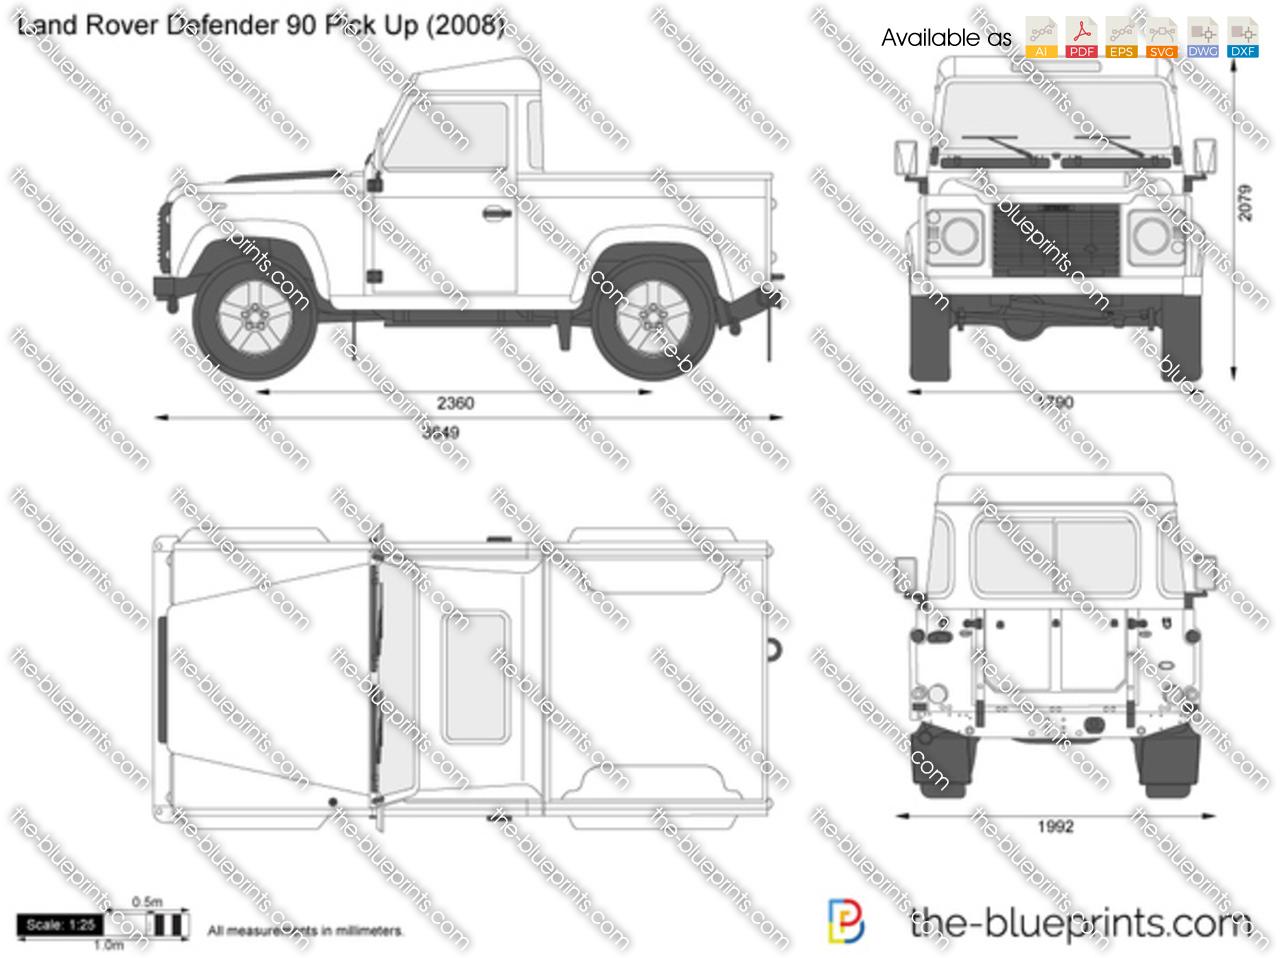 Land Rover Defender 90 Pick Up 2013